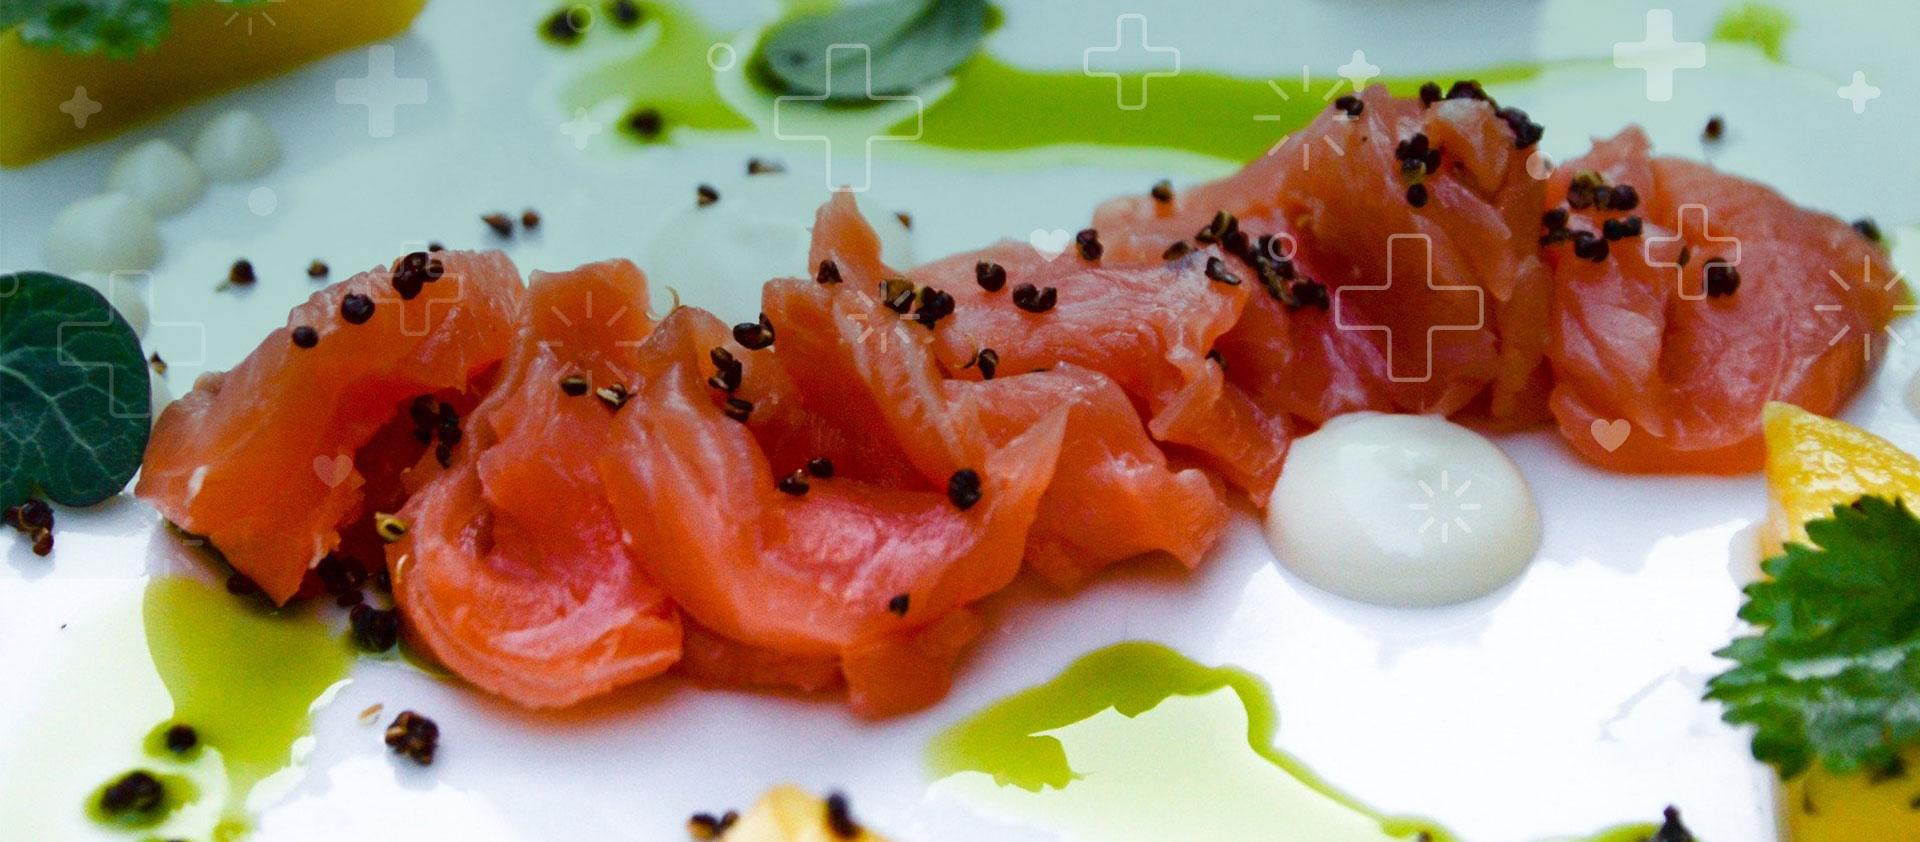 alimentación rica en nutrientes y tener niveles óptimos de colesterol